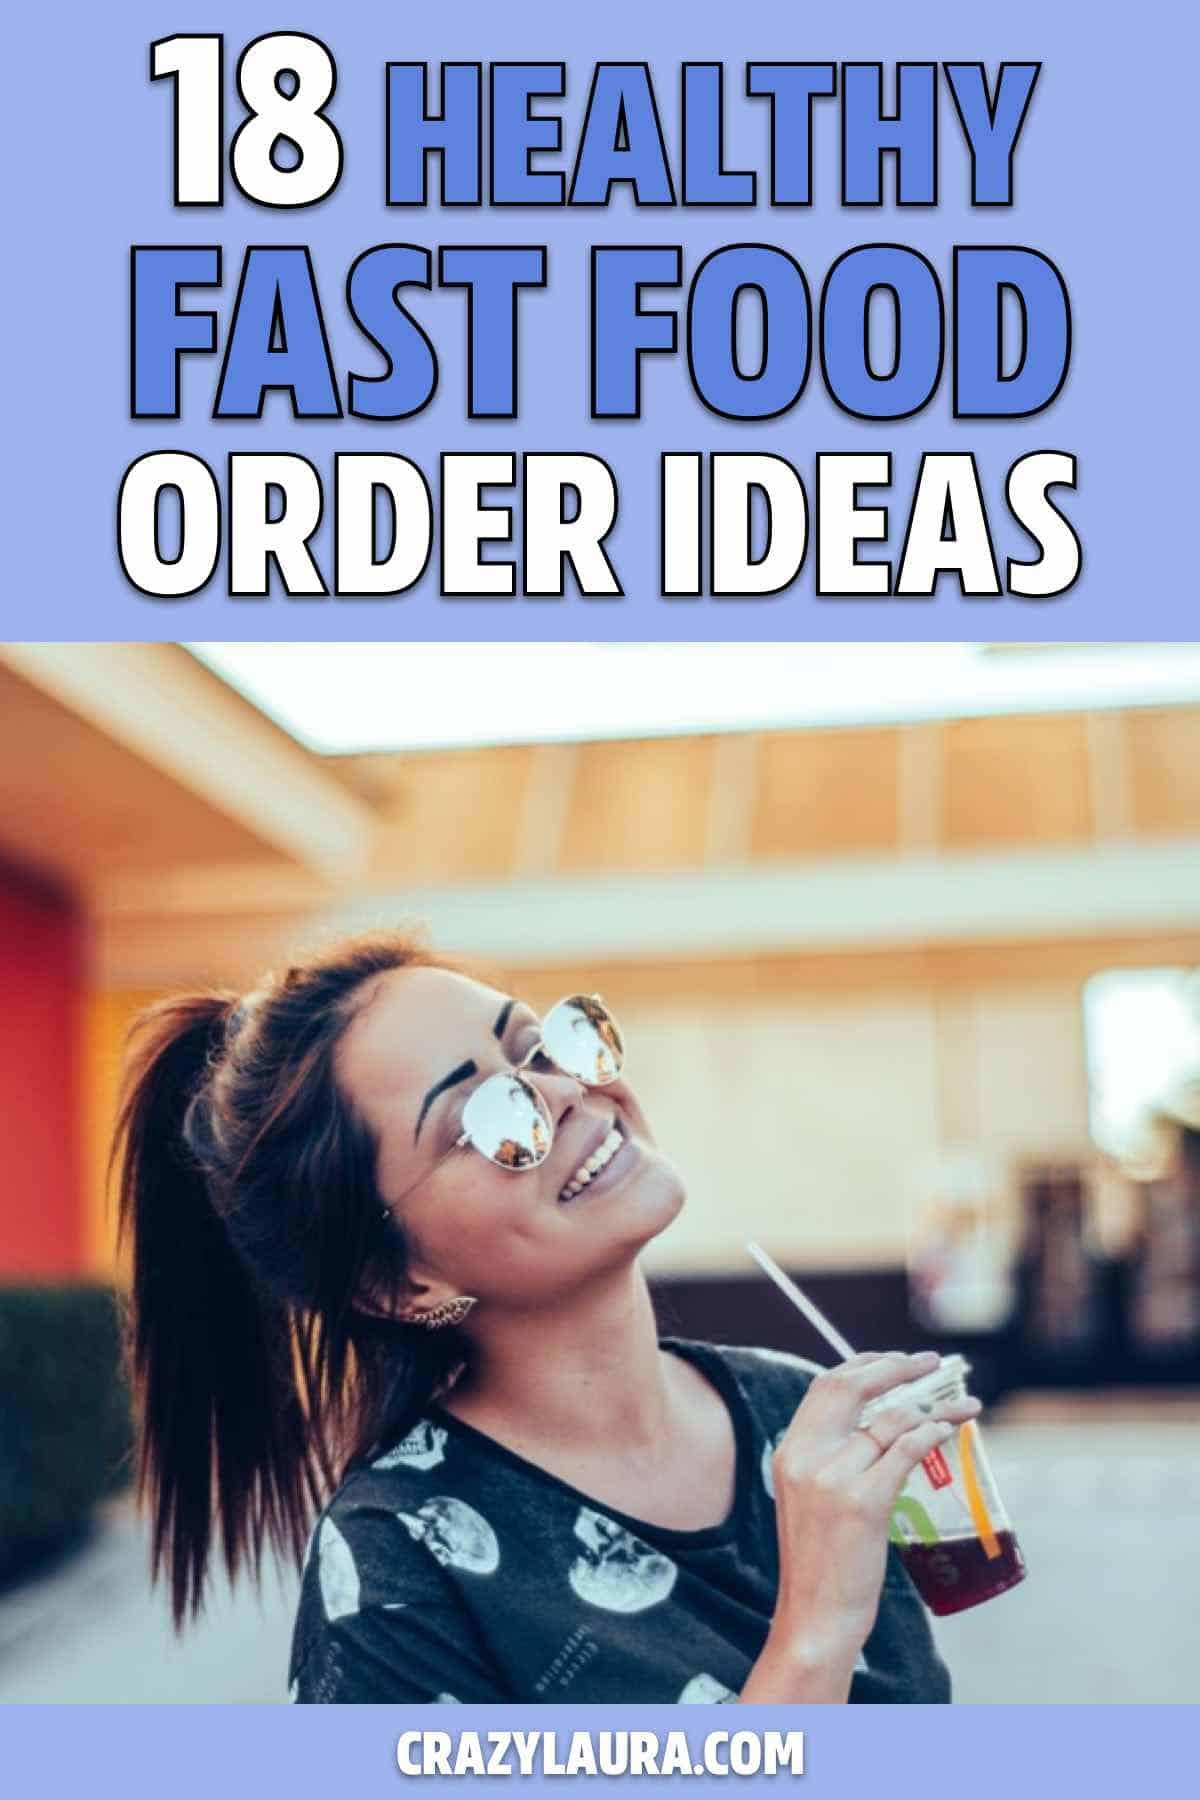 easy low cal fast food orders